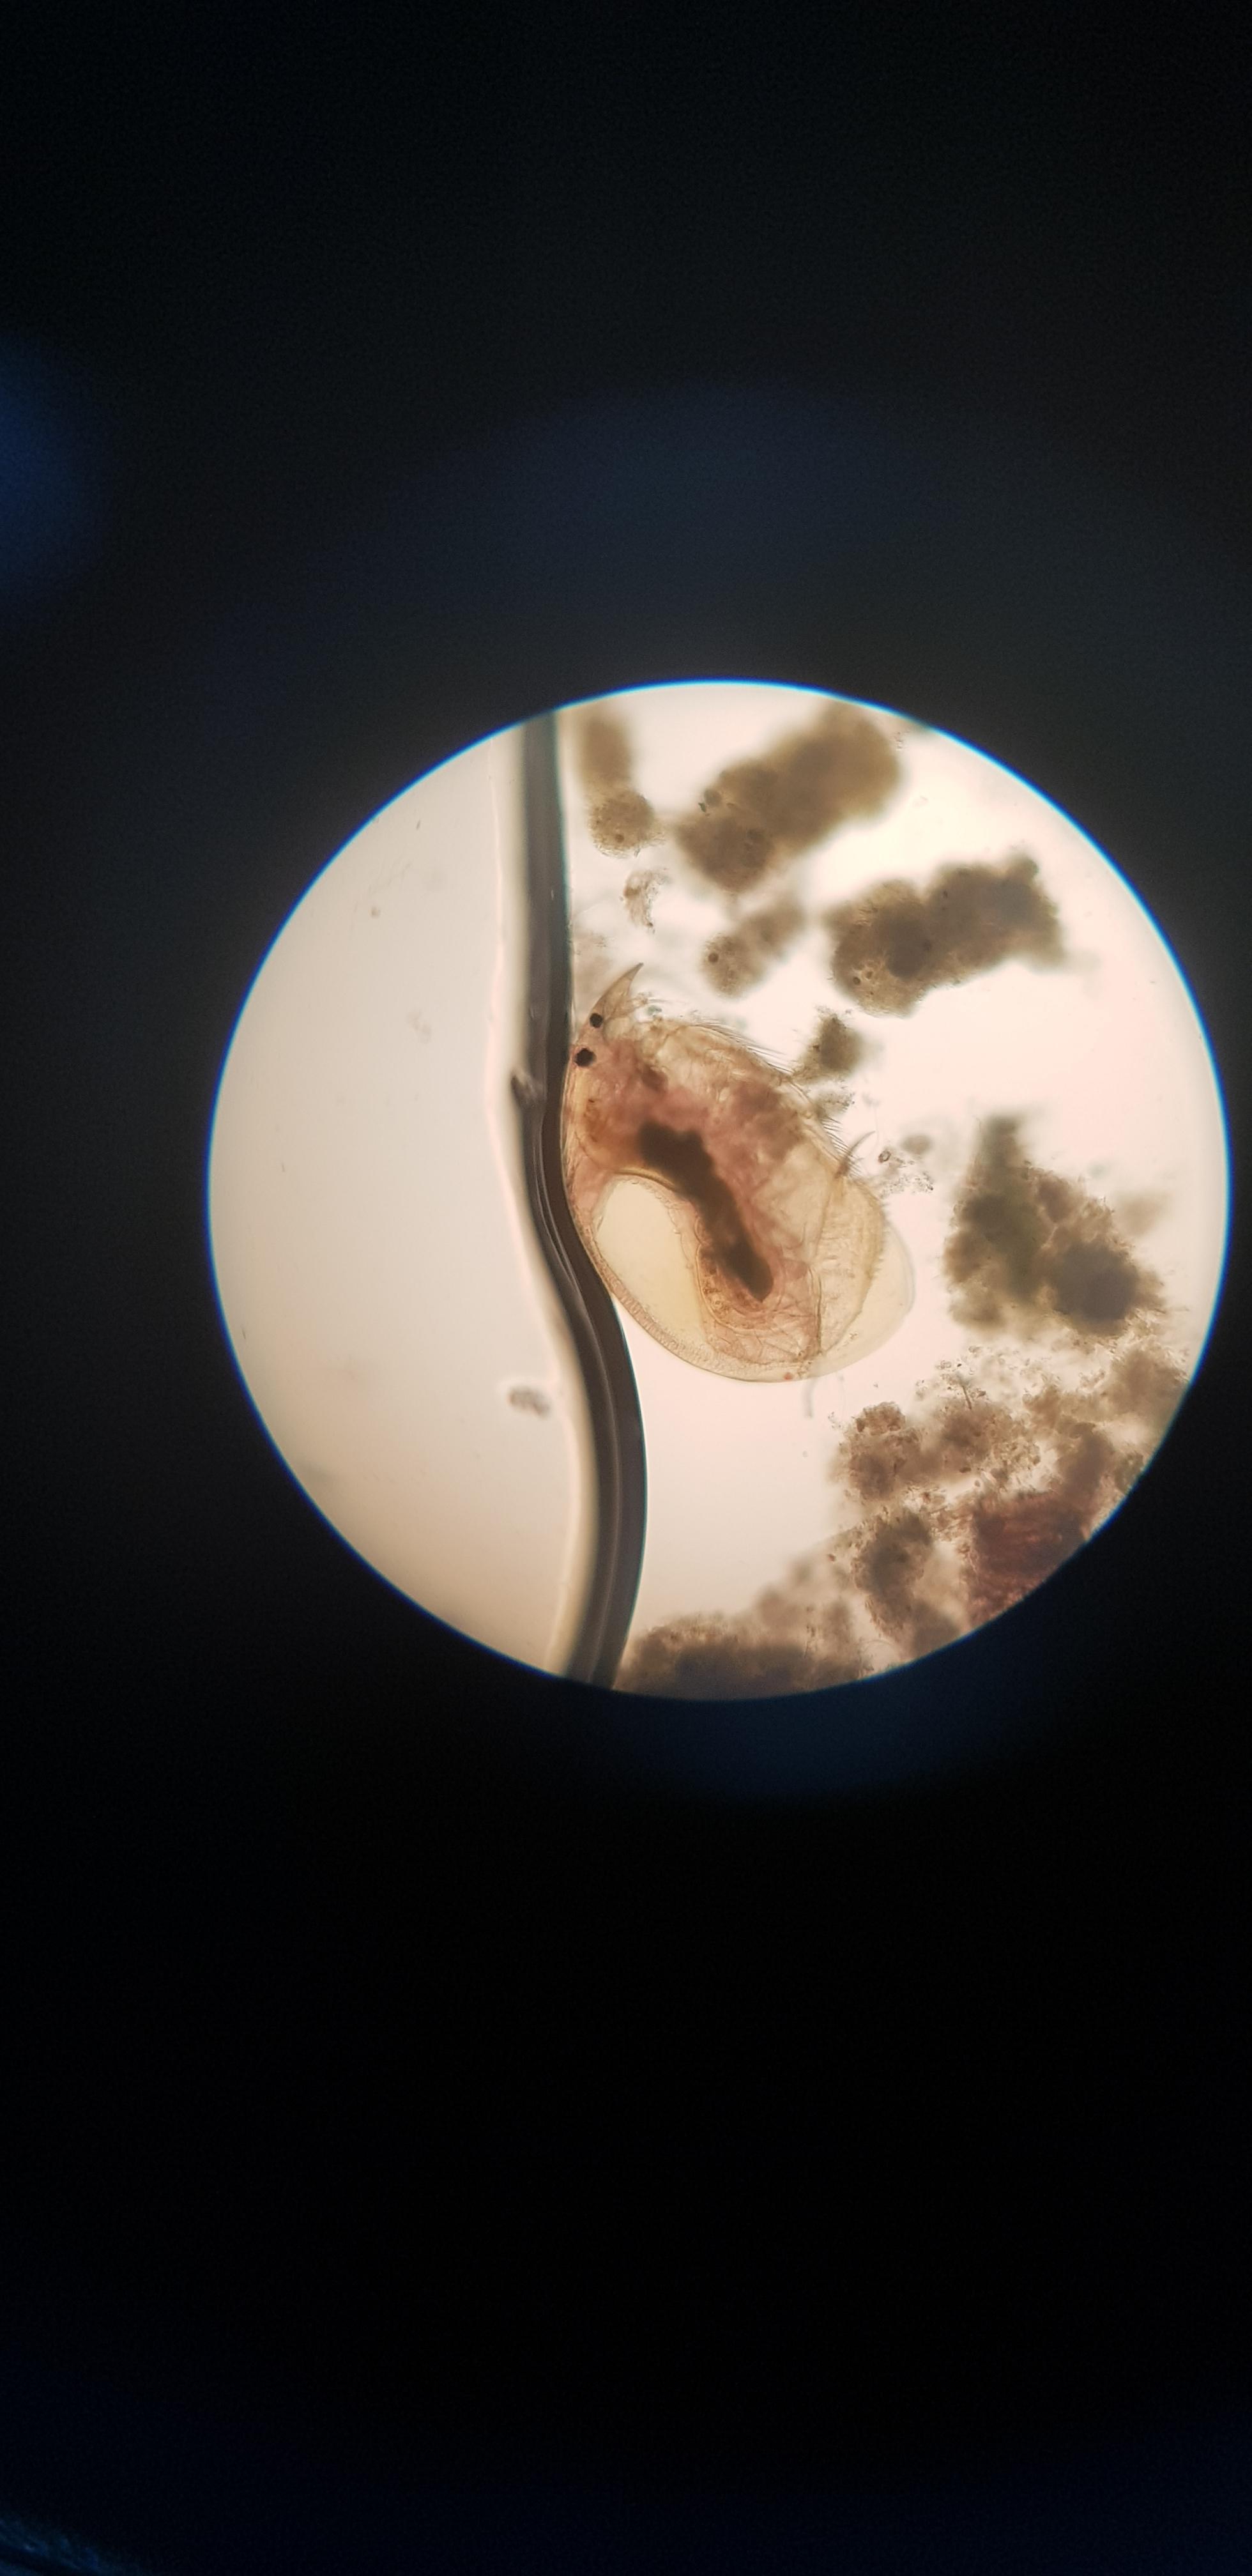 Imágenes de pulga de agua (Daphnia pulex) 1